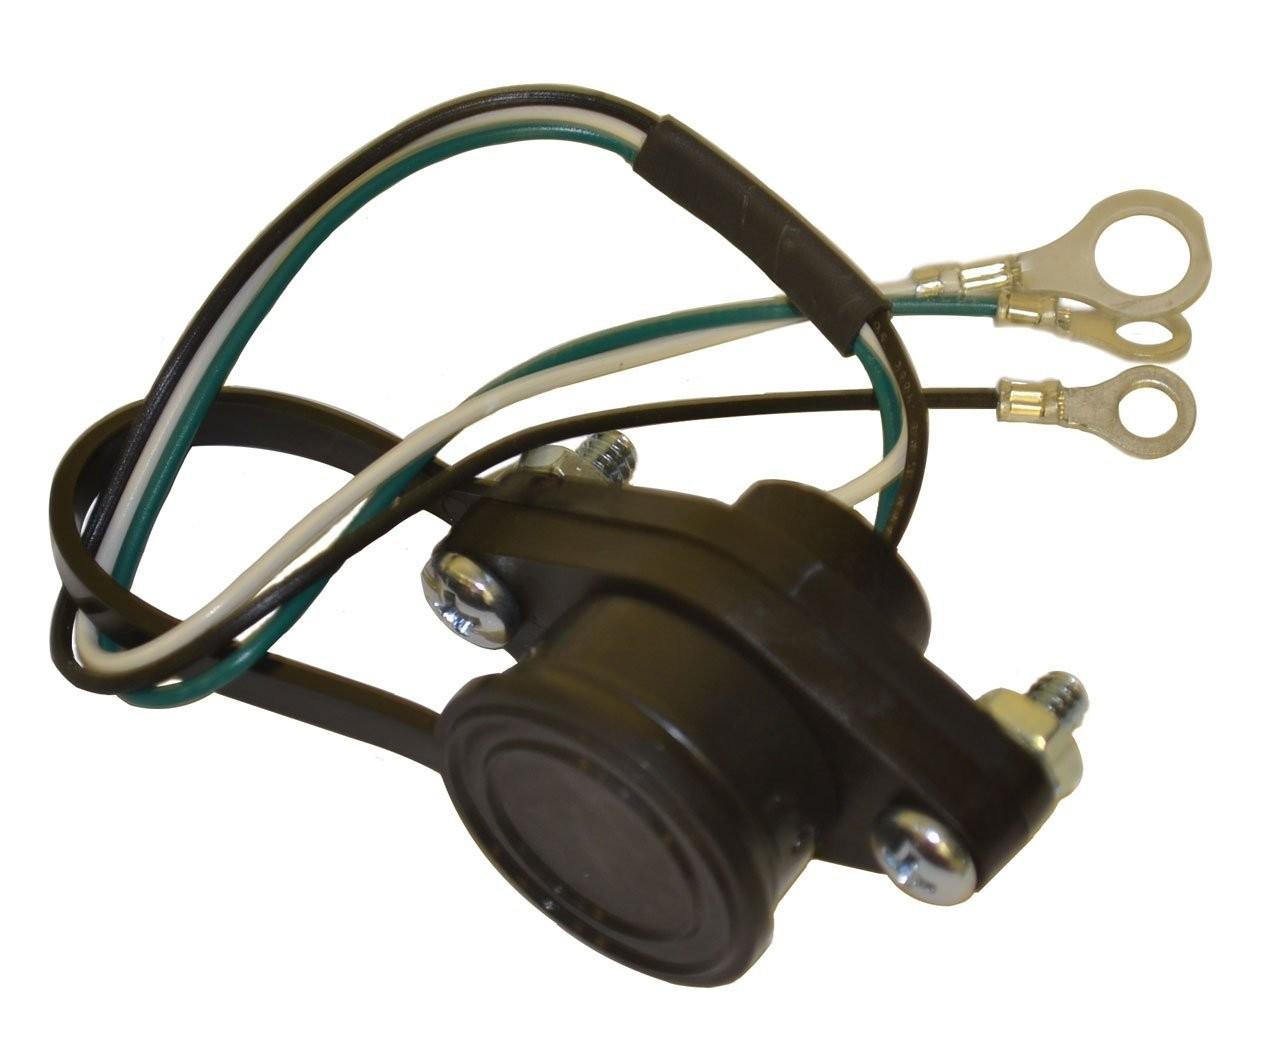 Warn 3 Pin Socket  16296  Dna Off Road Pty Ltd